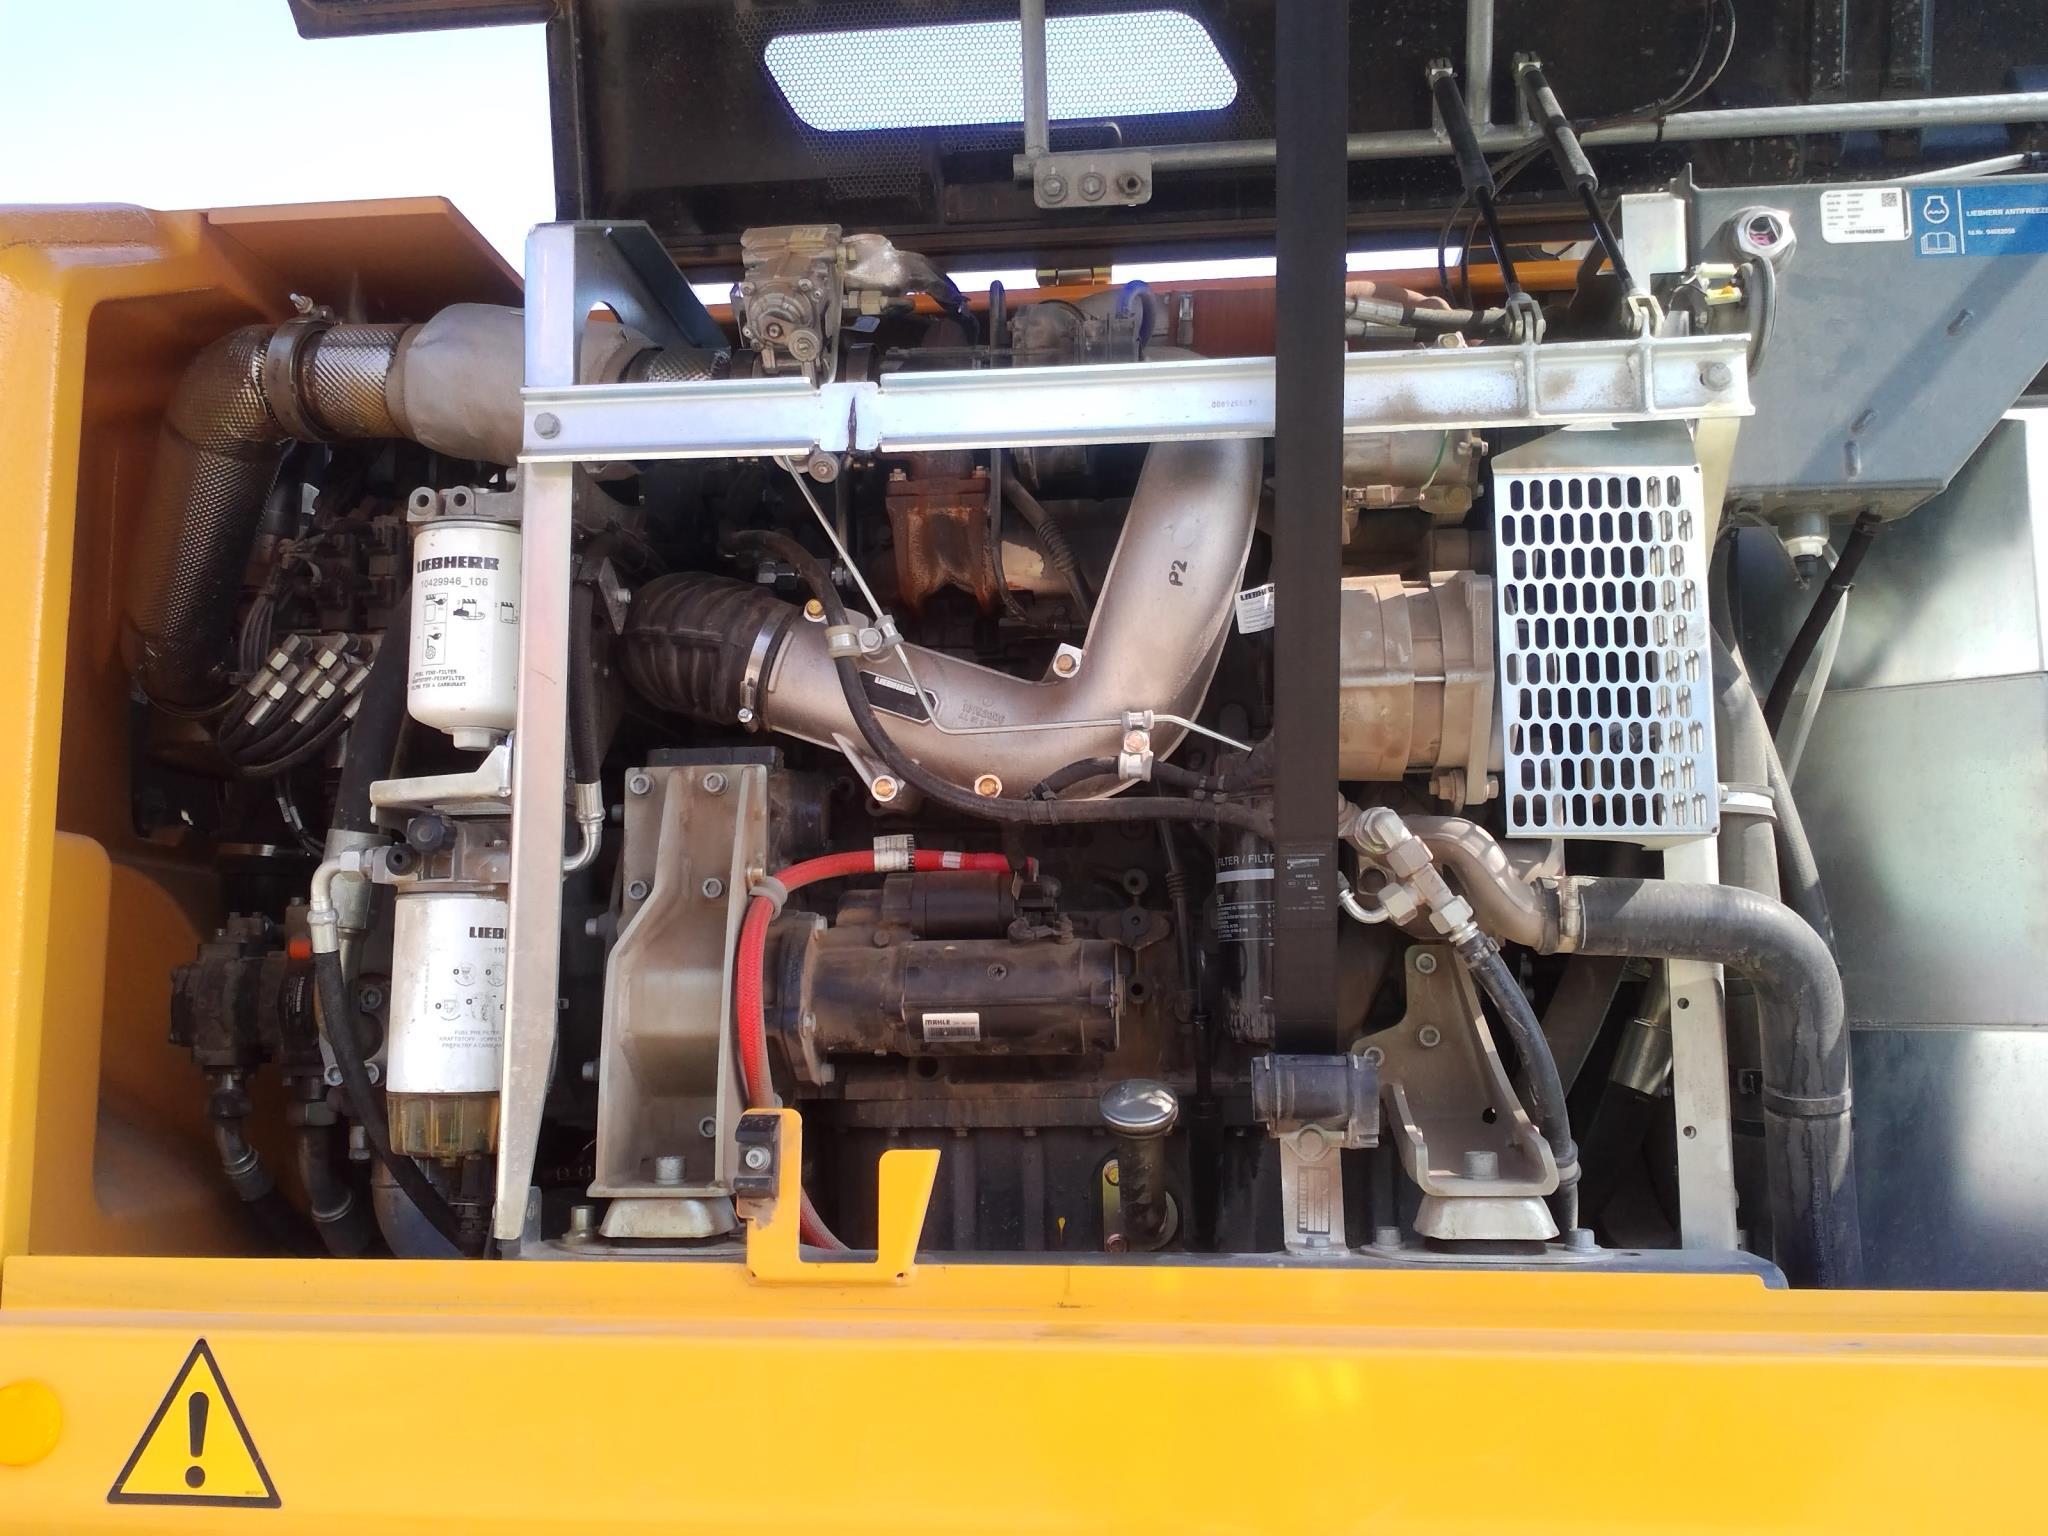 389146cb-5806-4d18-9618-ddcc8acdde3d_machine_5.jpg